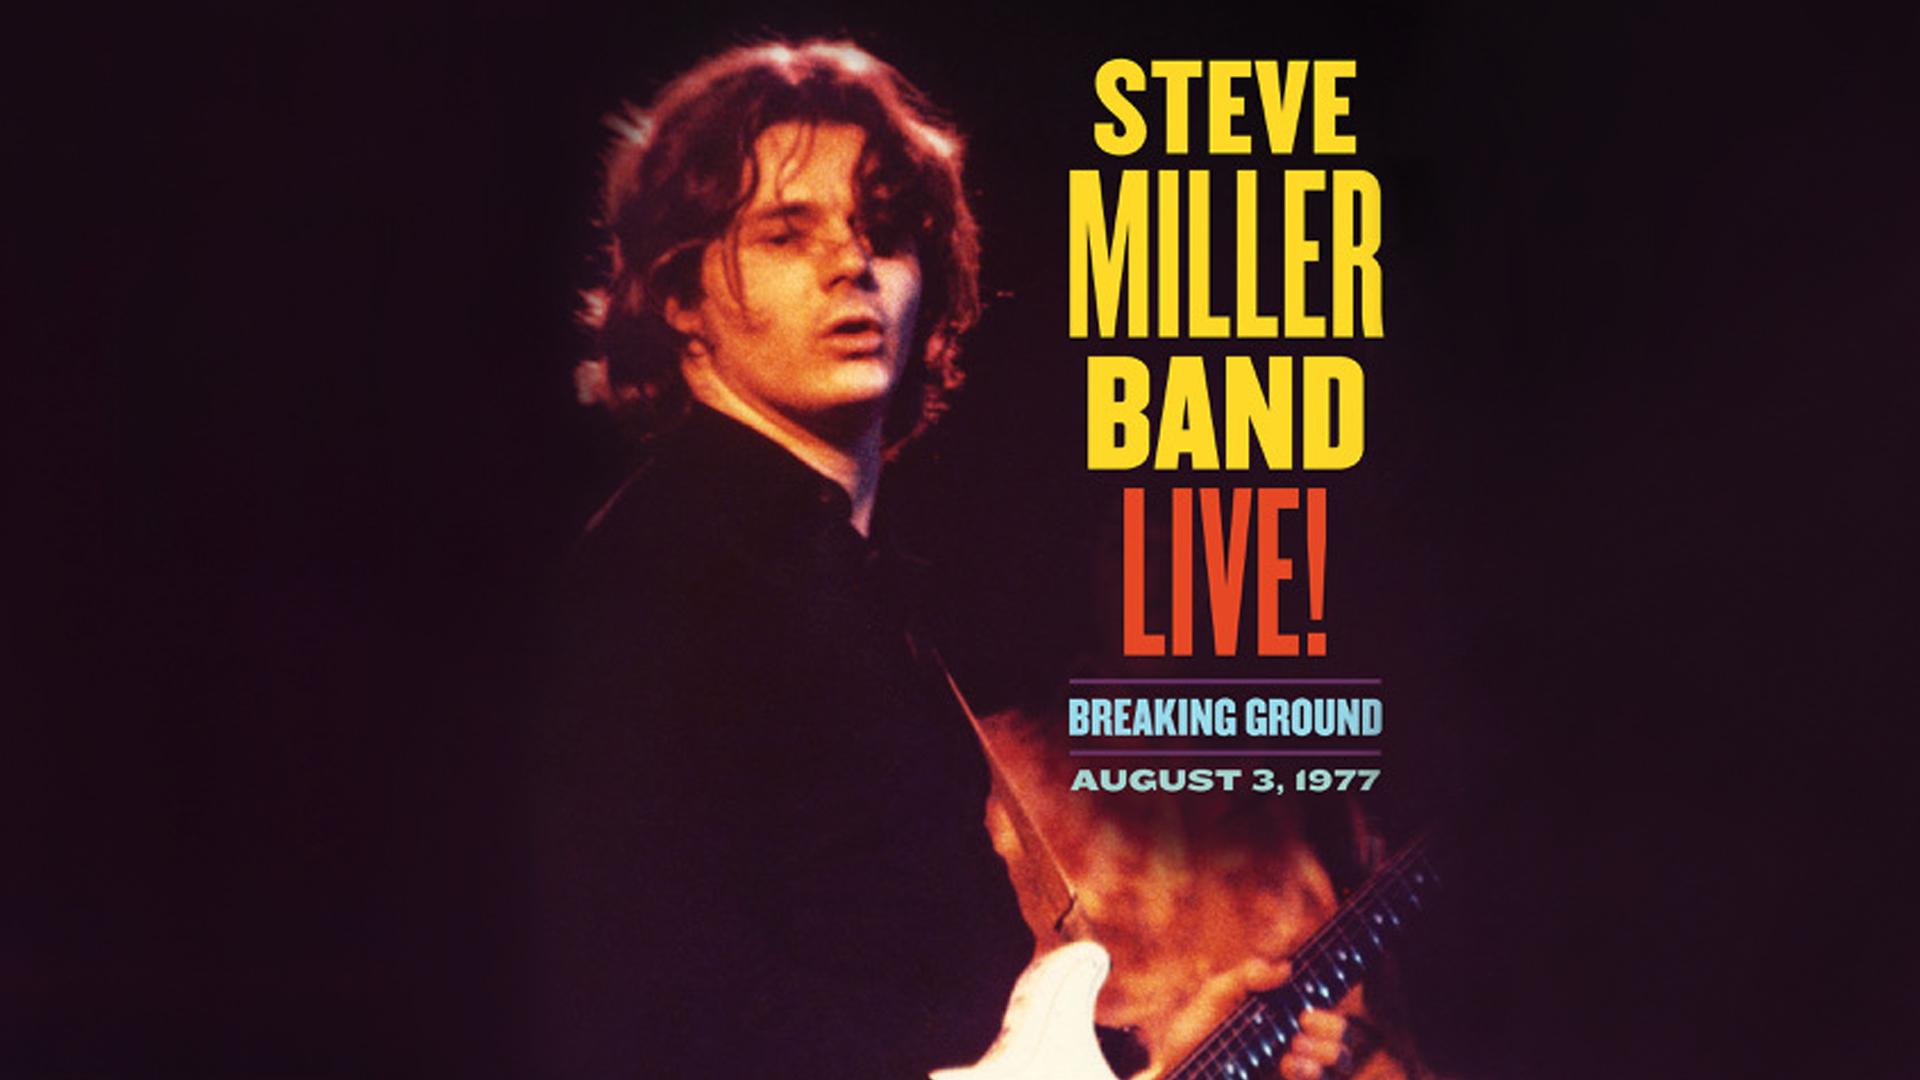 Steve Miller Band Live!: Breaking Ground August 3, 1977